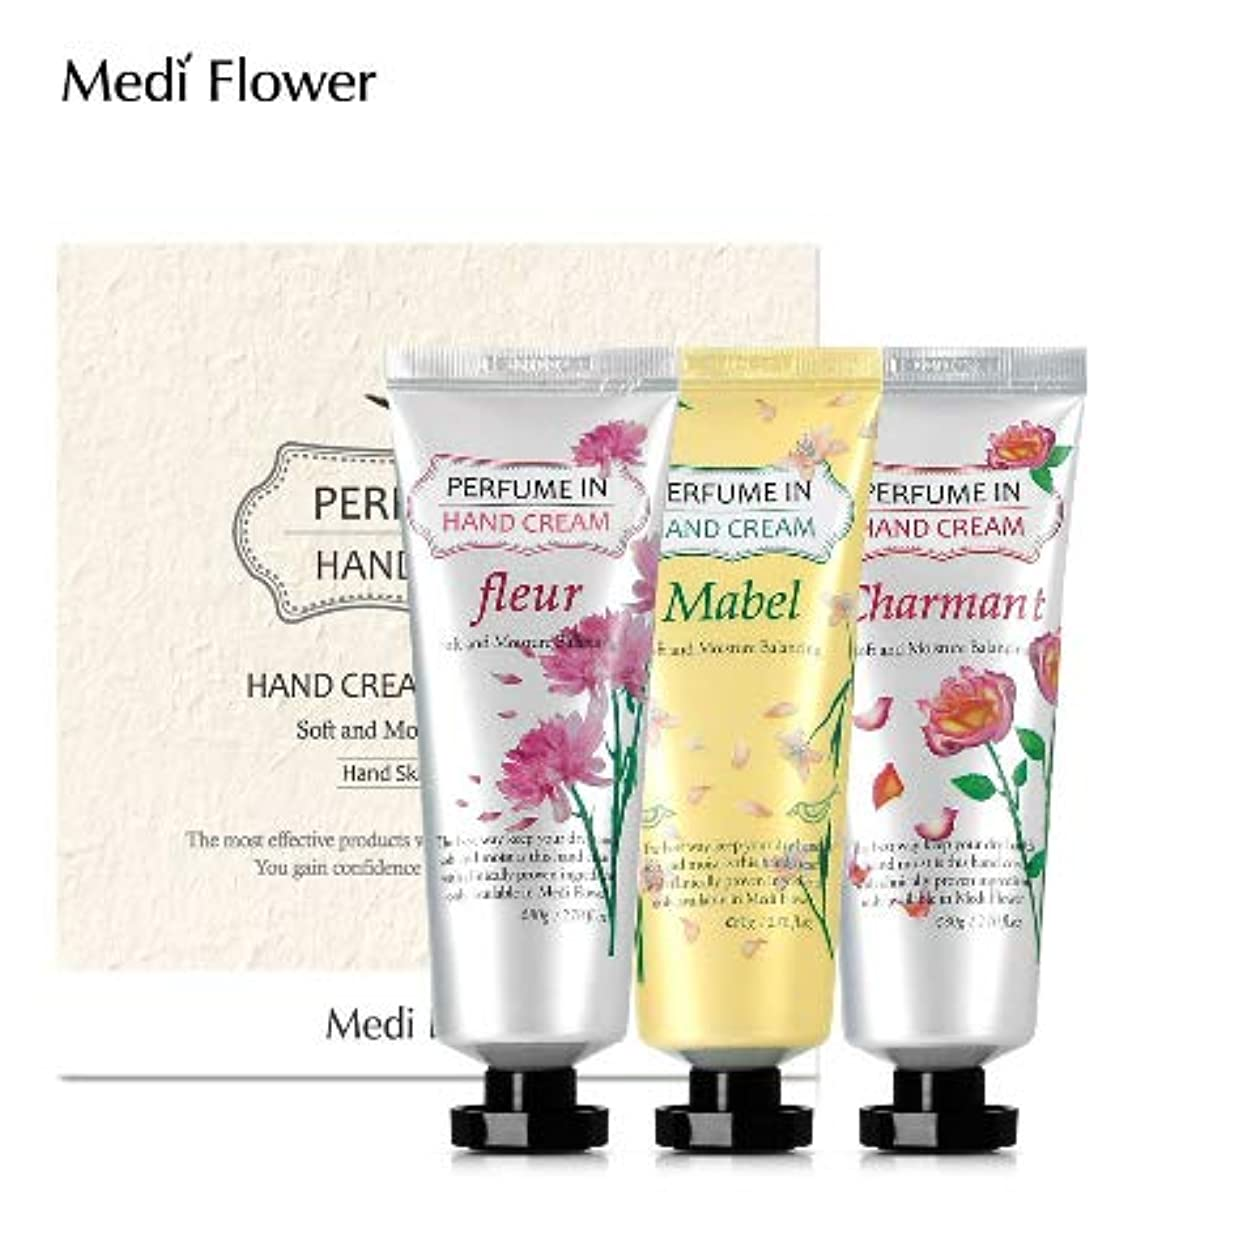 構造的ショッピングセンター内向き[MediFlower] パフュームインハンドクリーム?スペシャルセット 80g x 3個セット / Perfume Hand Cream Specail Set